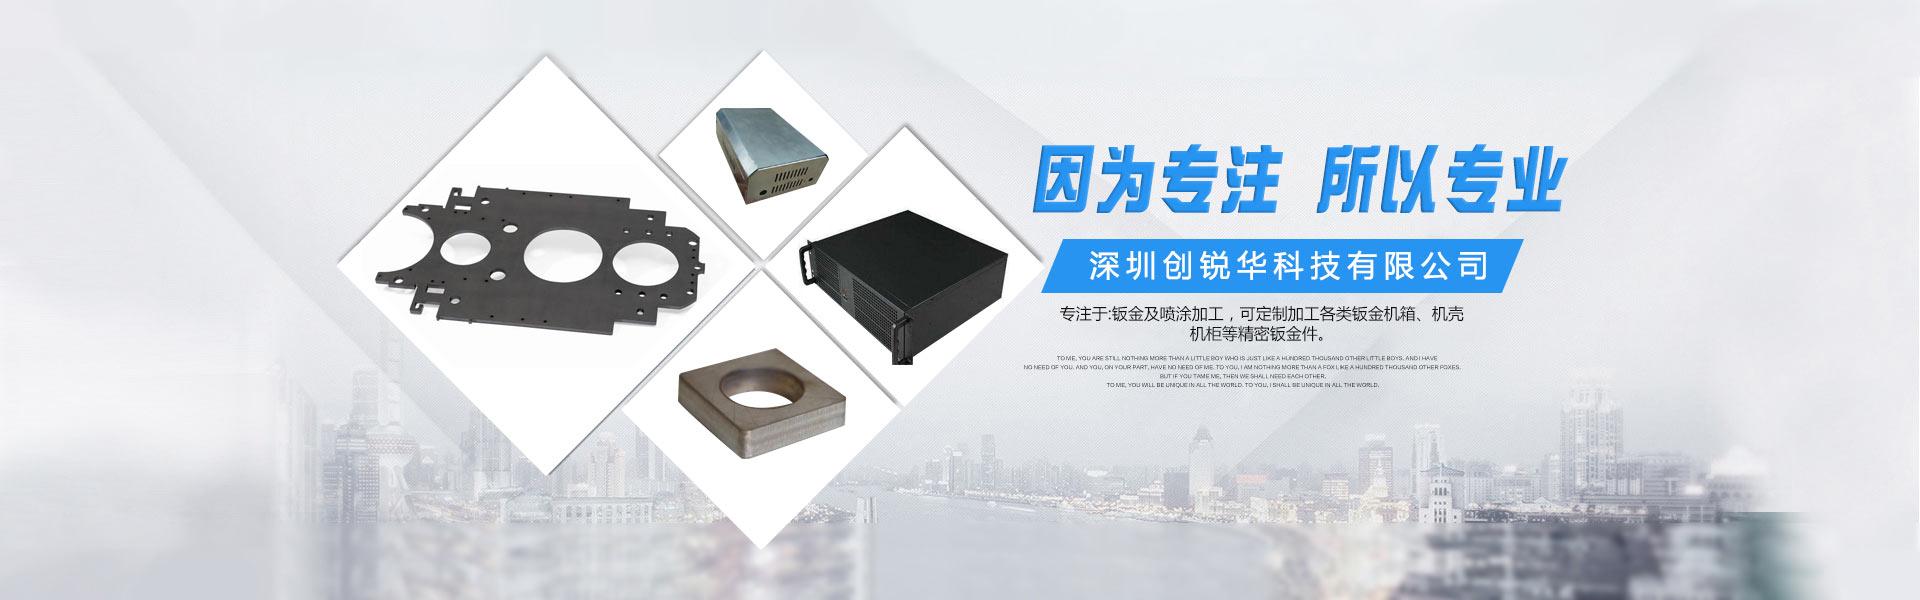 不锈钢钣金加工厂家